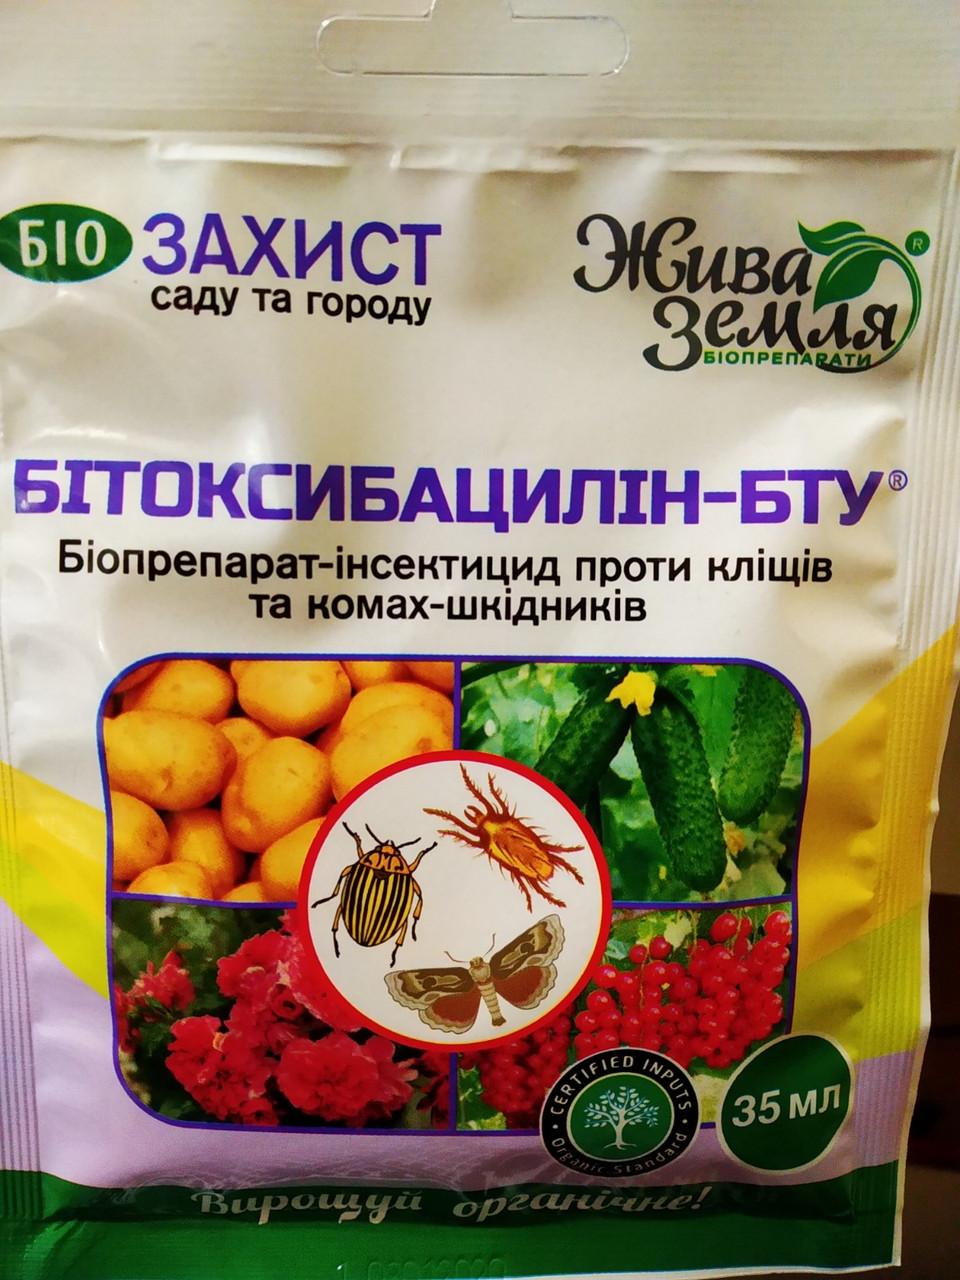 """Биоинсектицид  """"Битоксибацилин-БТУ"""" безопасный для пчел, животных, людей, 35 мл, Украина"""